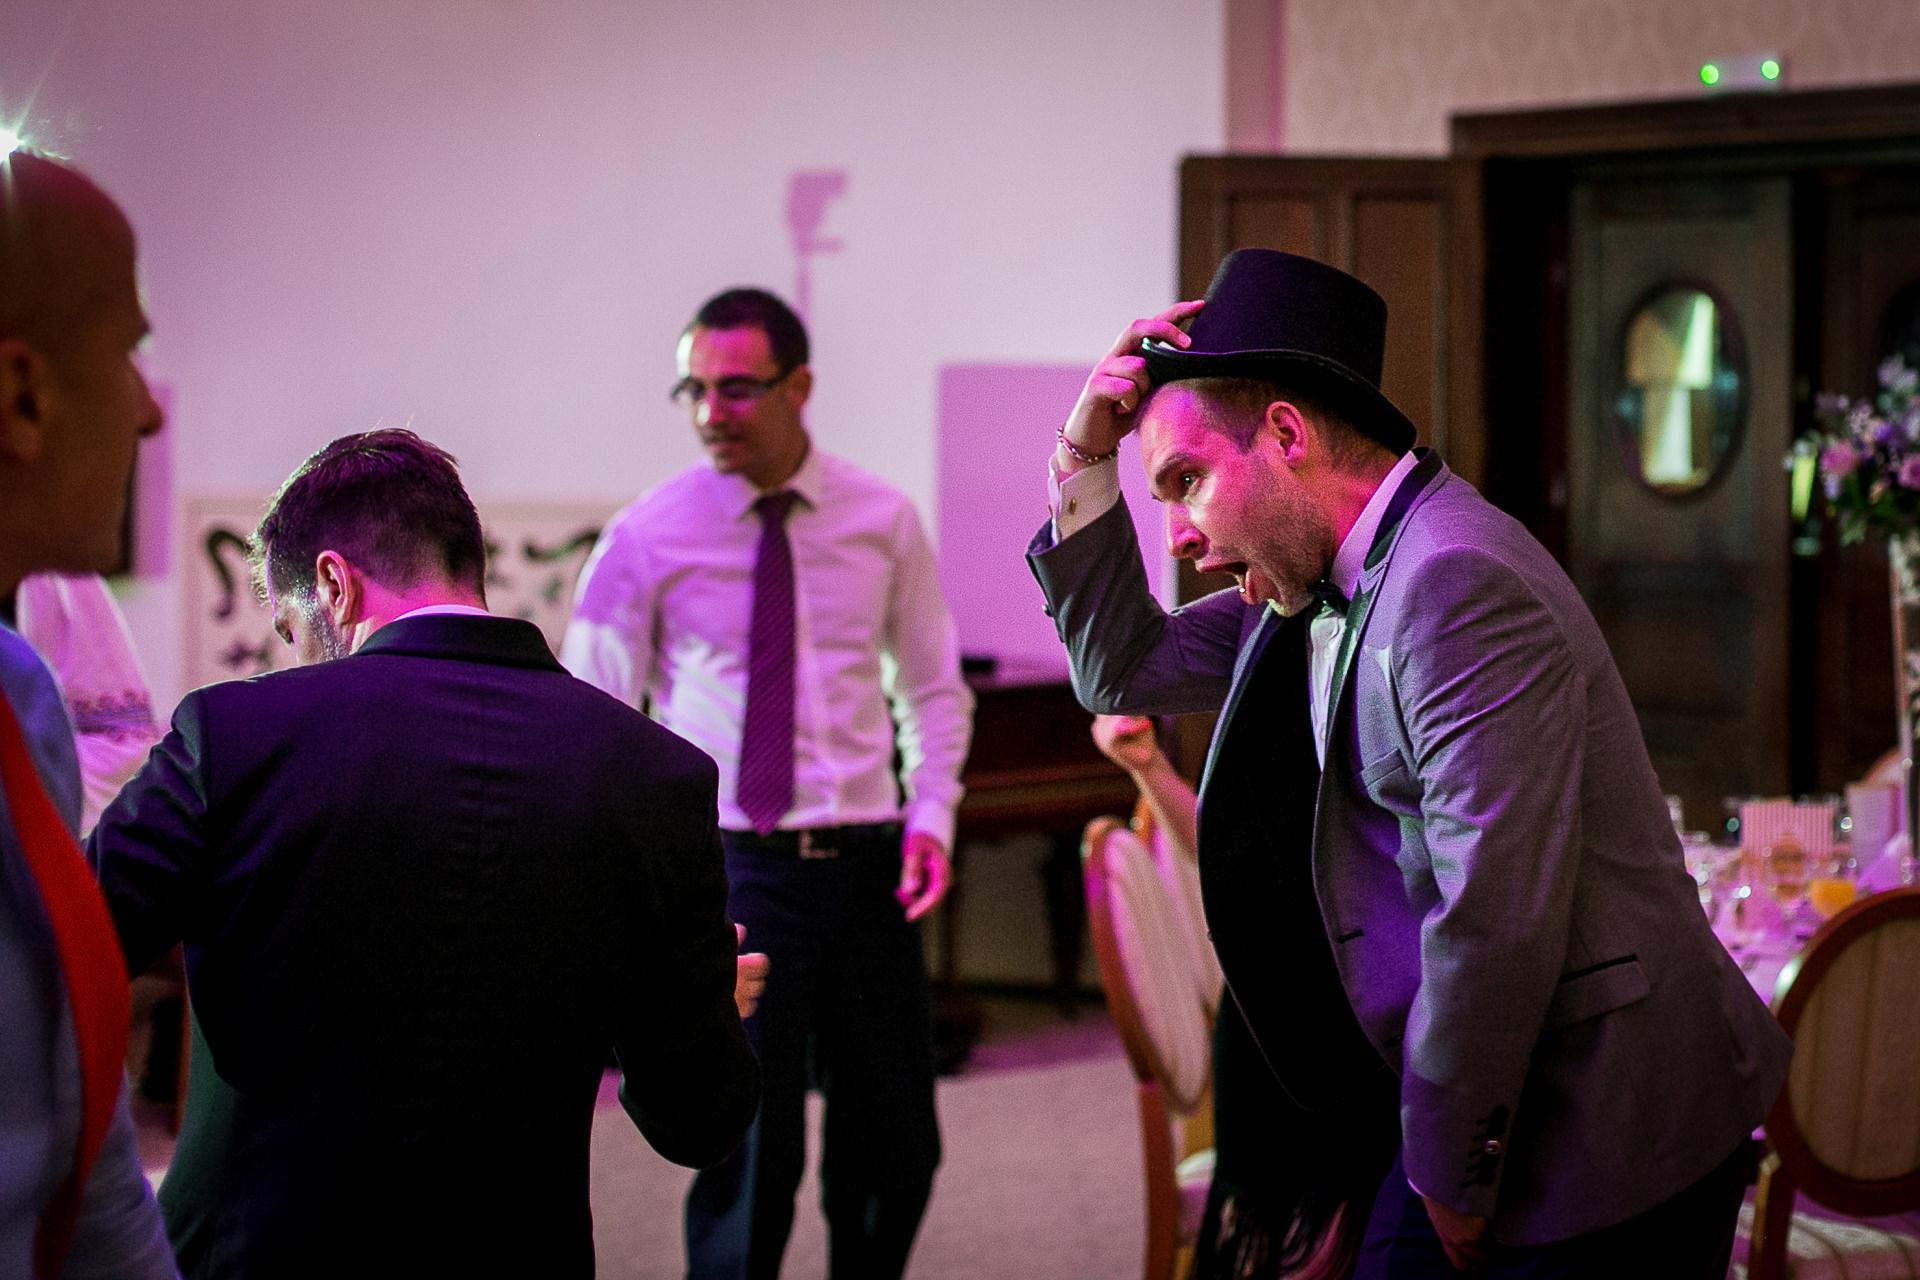 nuntă Salon Elisabeta - Elena şi Costin - Mihai Zaharia Photography - 071